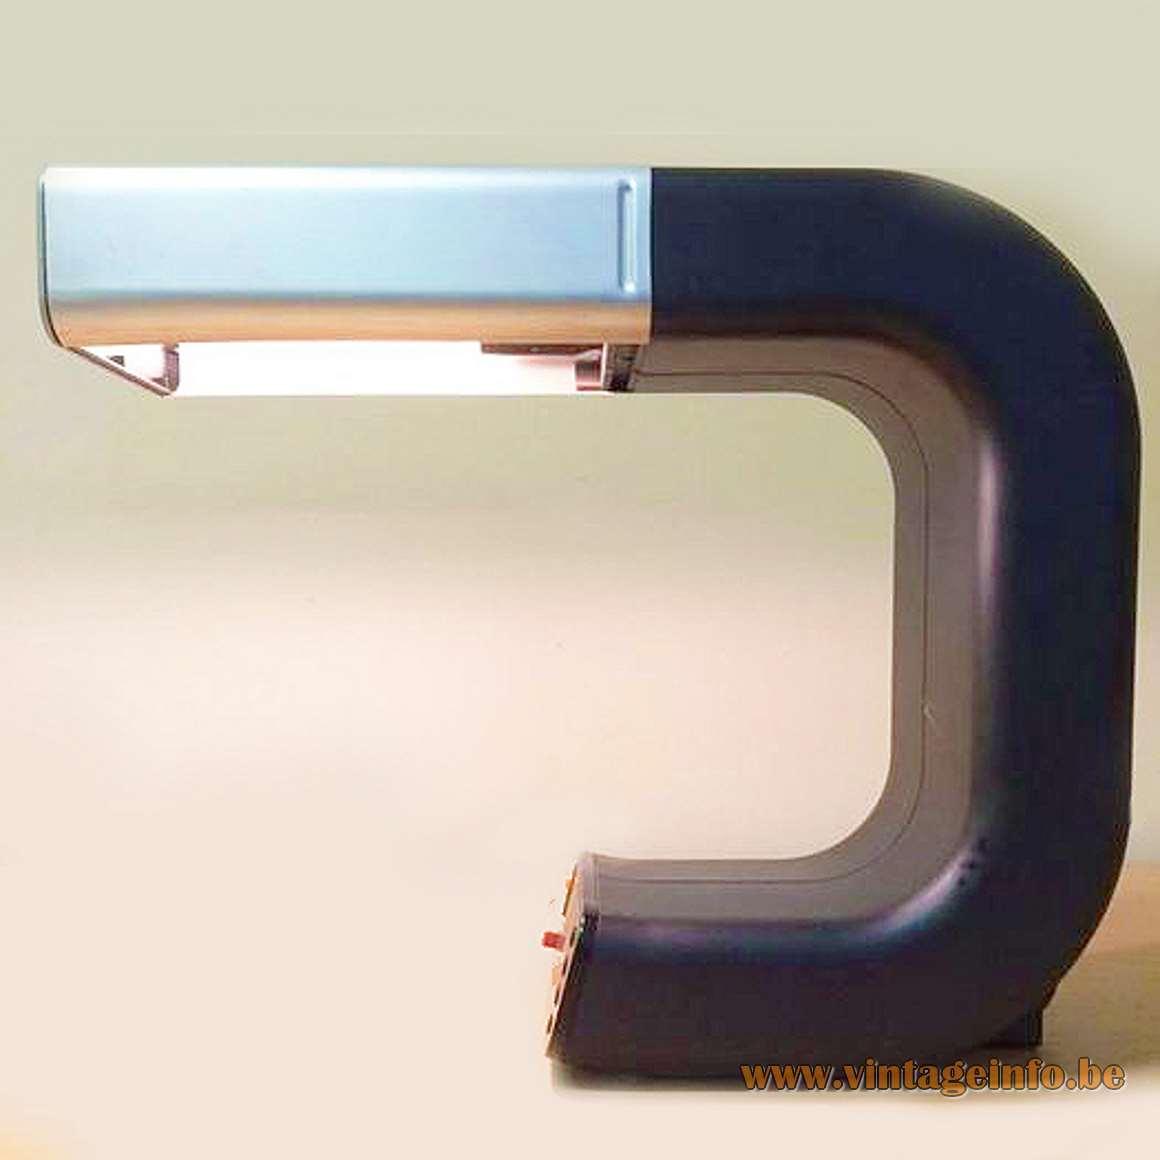 Robert Pfäffle KG. 1970s Knox Design Team - Clock/Alarm desk lamp Elektrotechnische Fabrik, Villingen-Schwenningen MCM